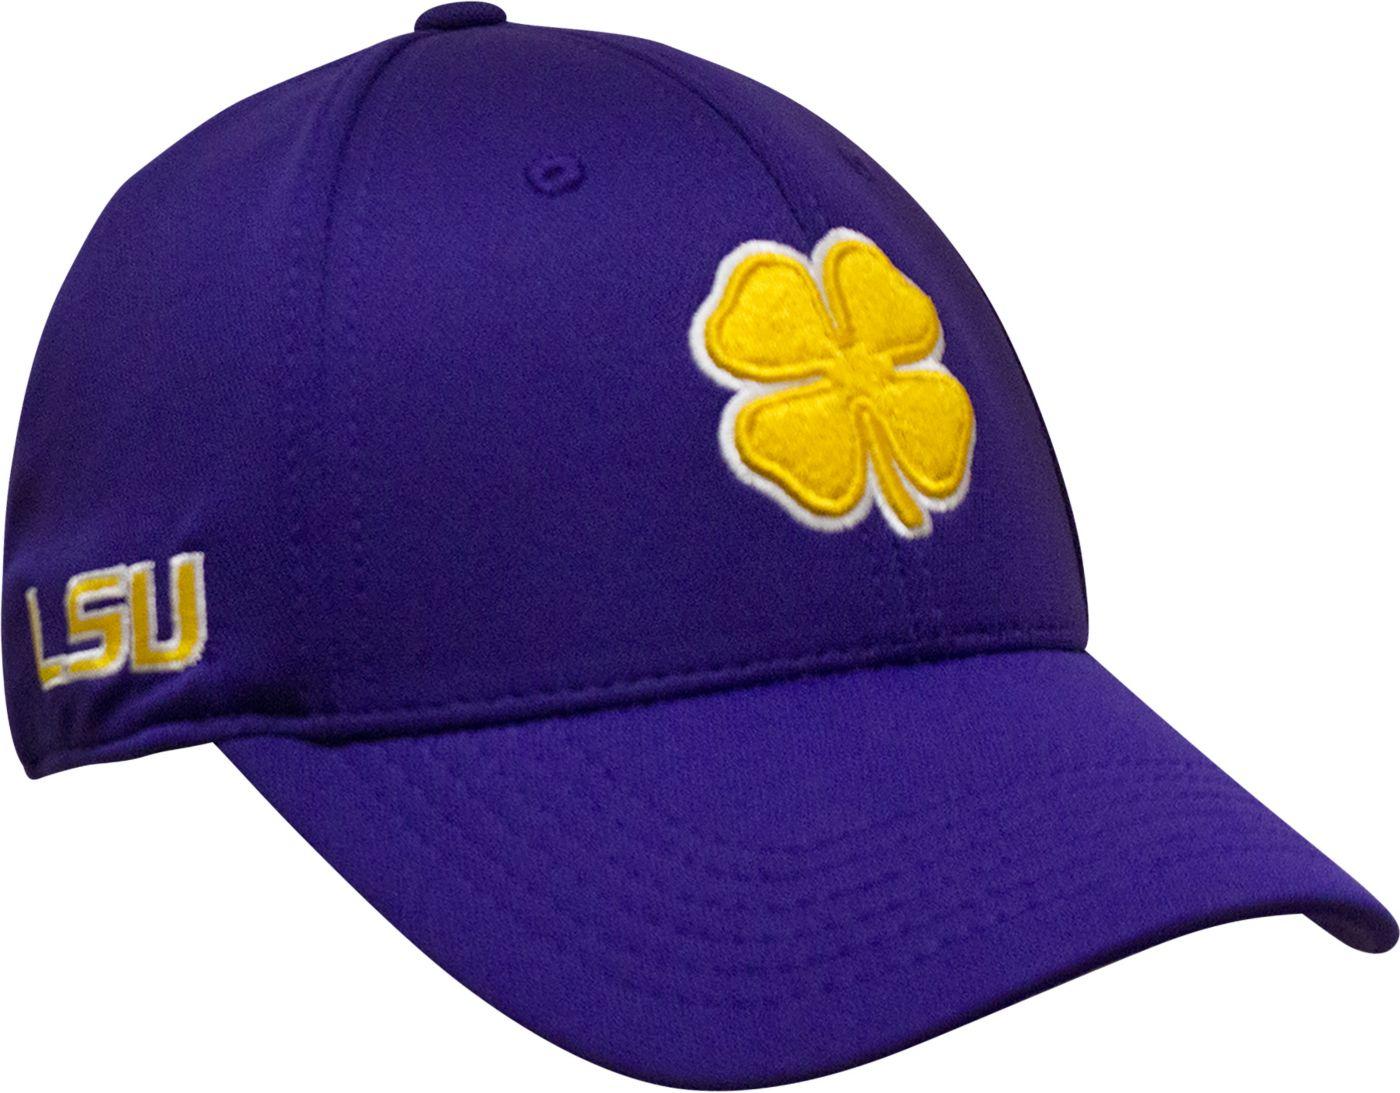 Black Clover LSU Tigers Collegiate Premium Hat